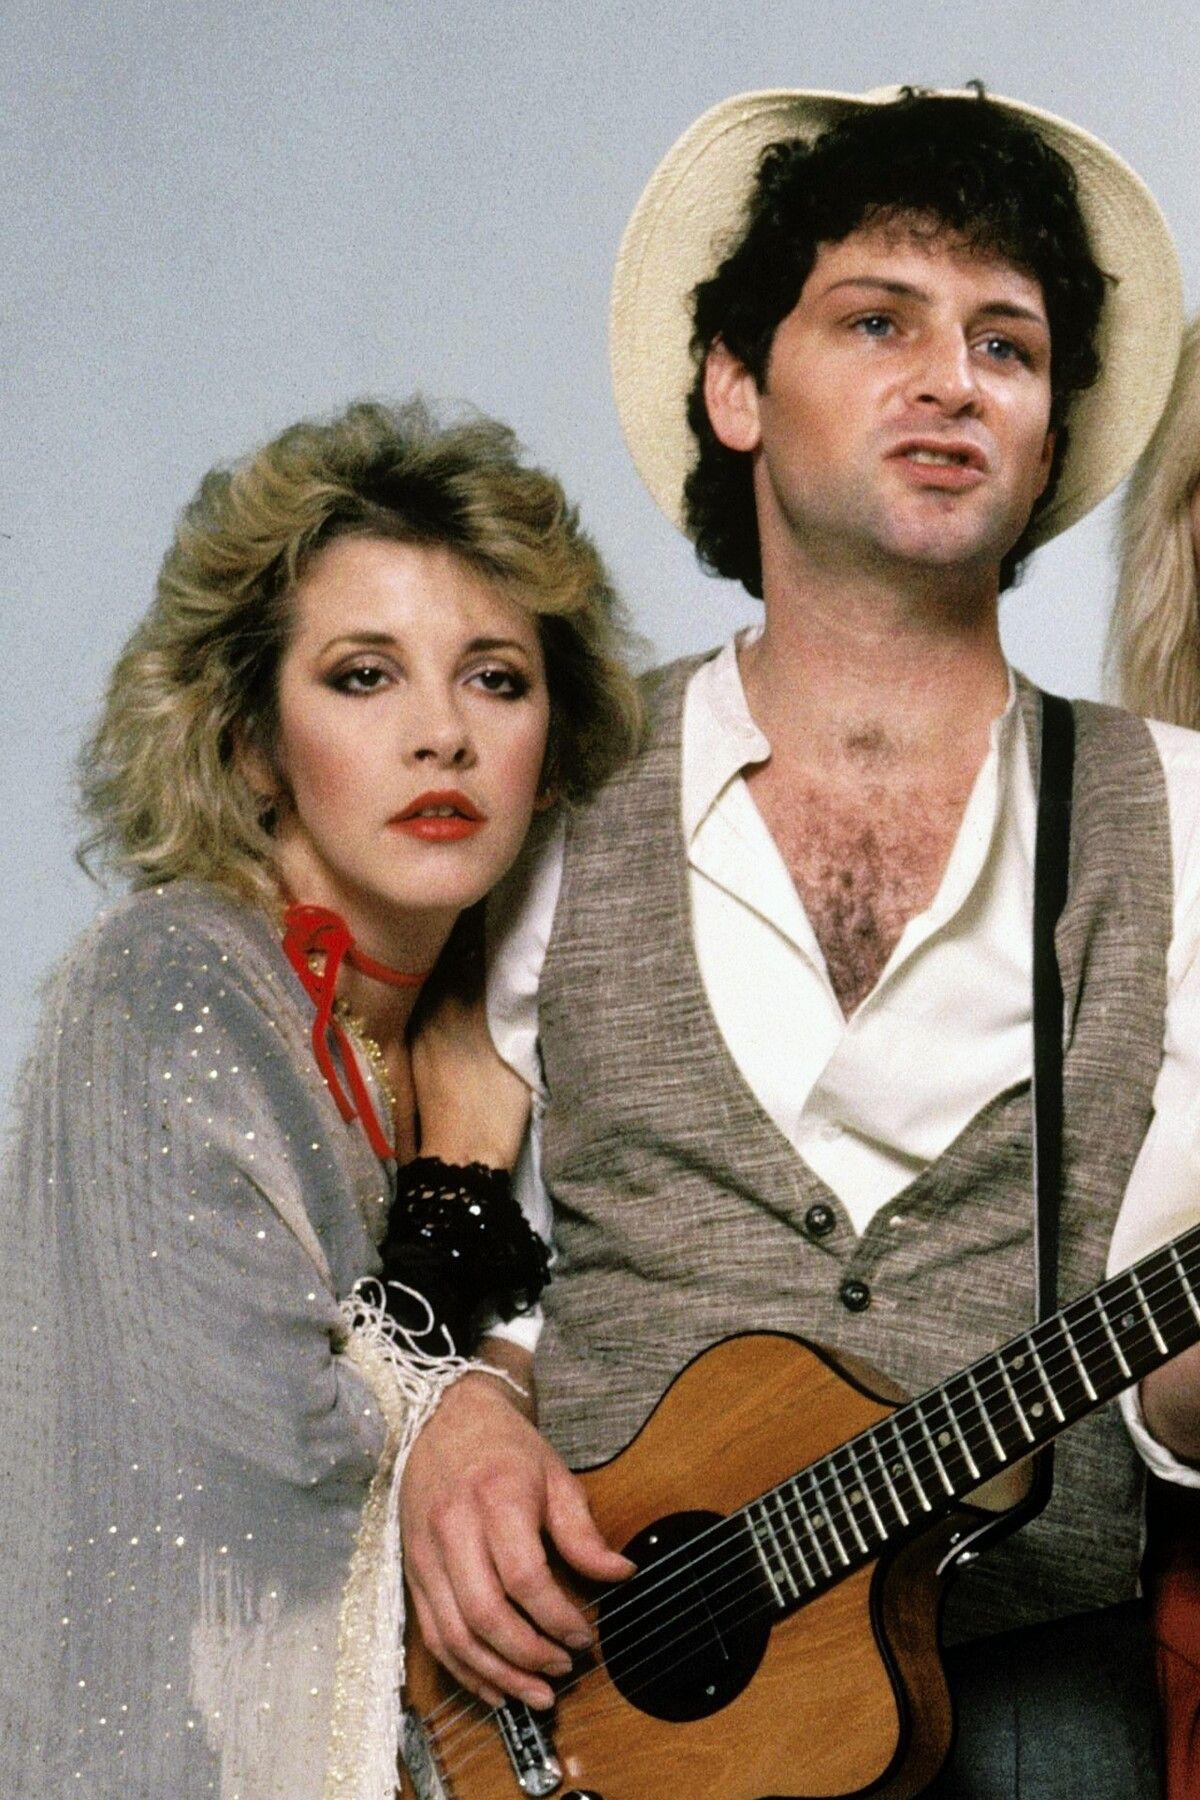 Stevie Nicks and Lindsey Buckingham, Fleetwood Mac | Stevie